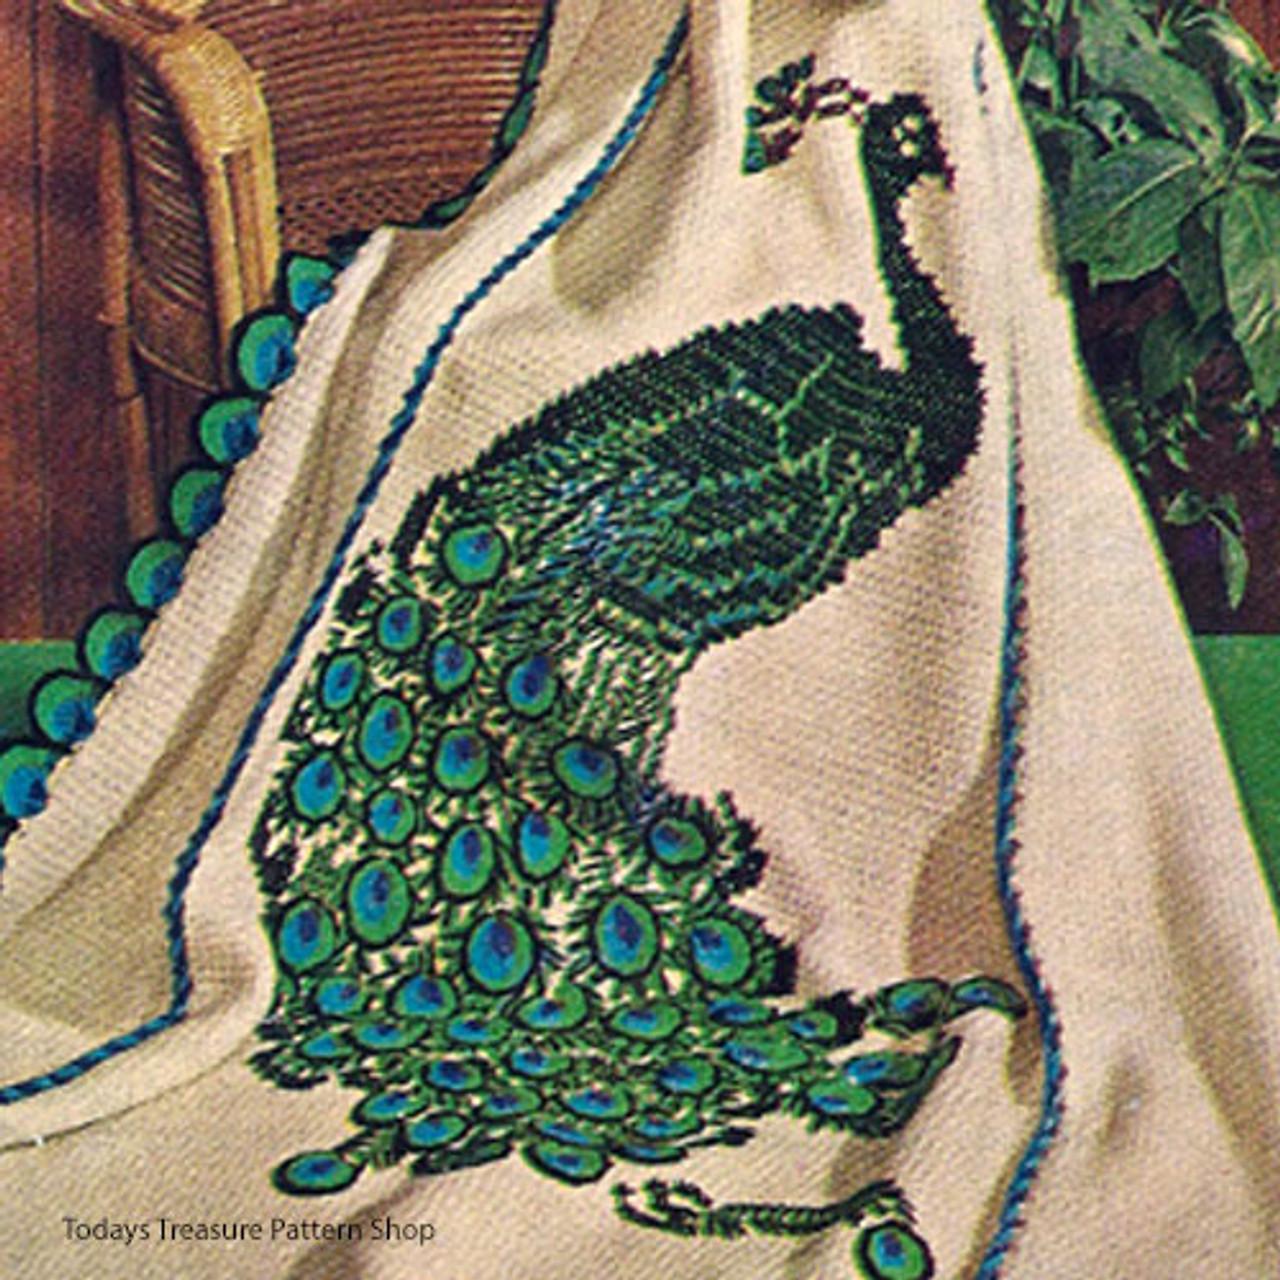 Vintage Peacock Crochet Afghan Pattern